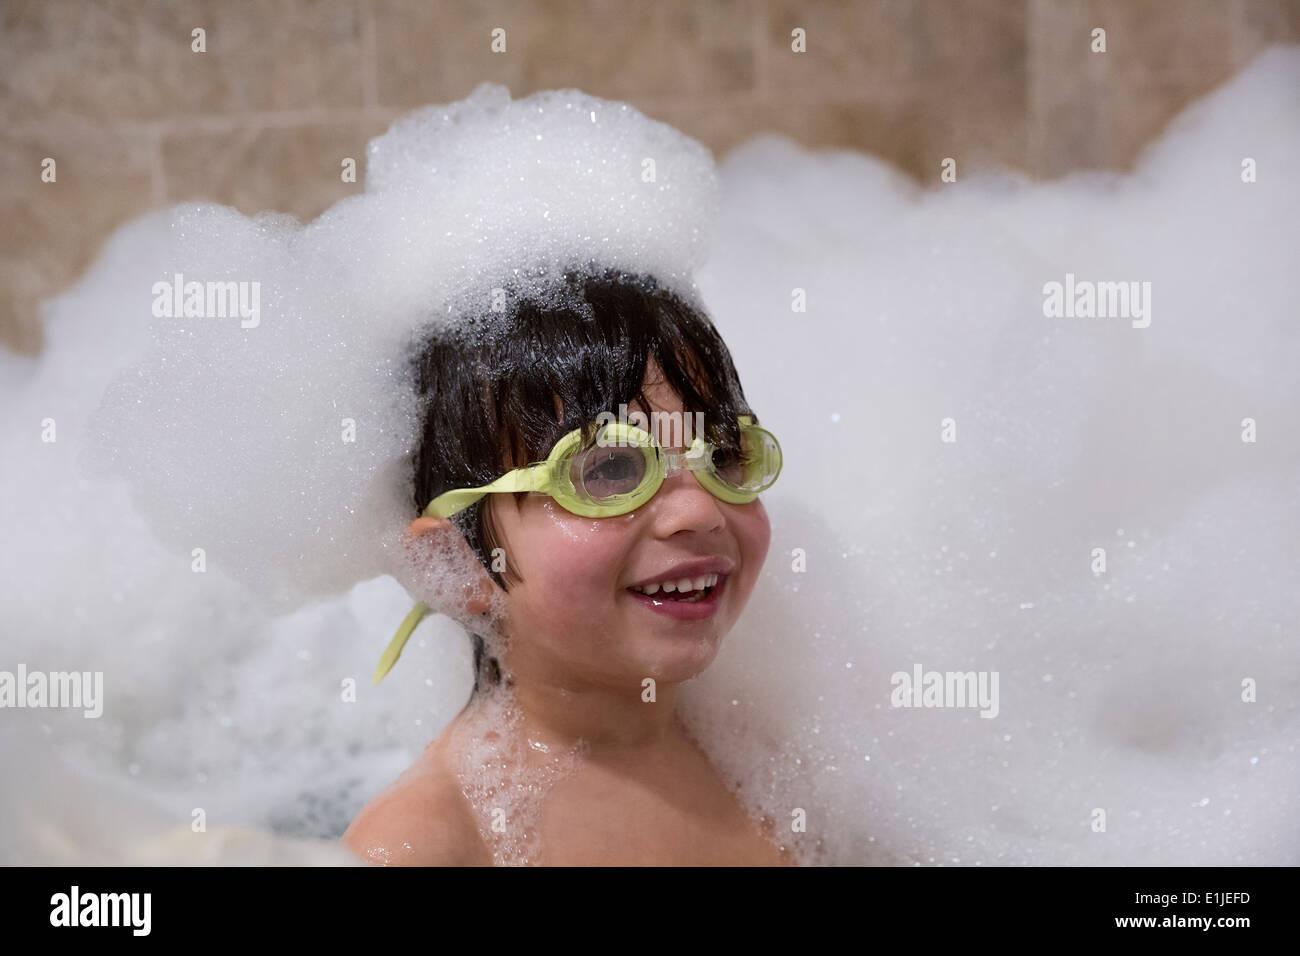 Portrait de jeune garçon portant ces lunettes in bubble bath Banque D'Images